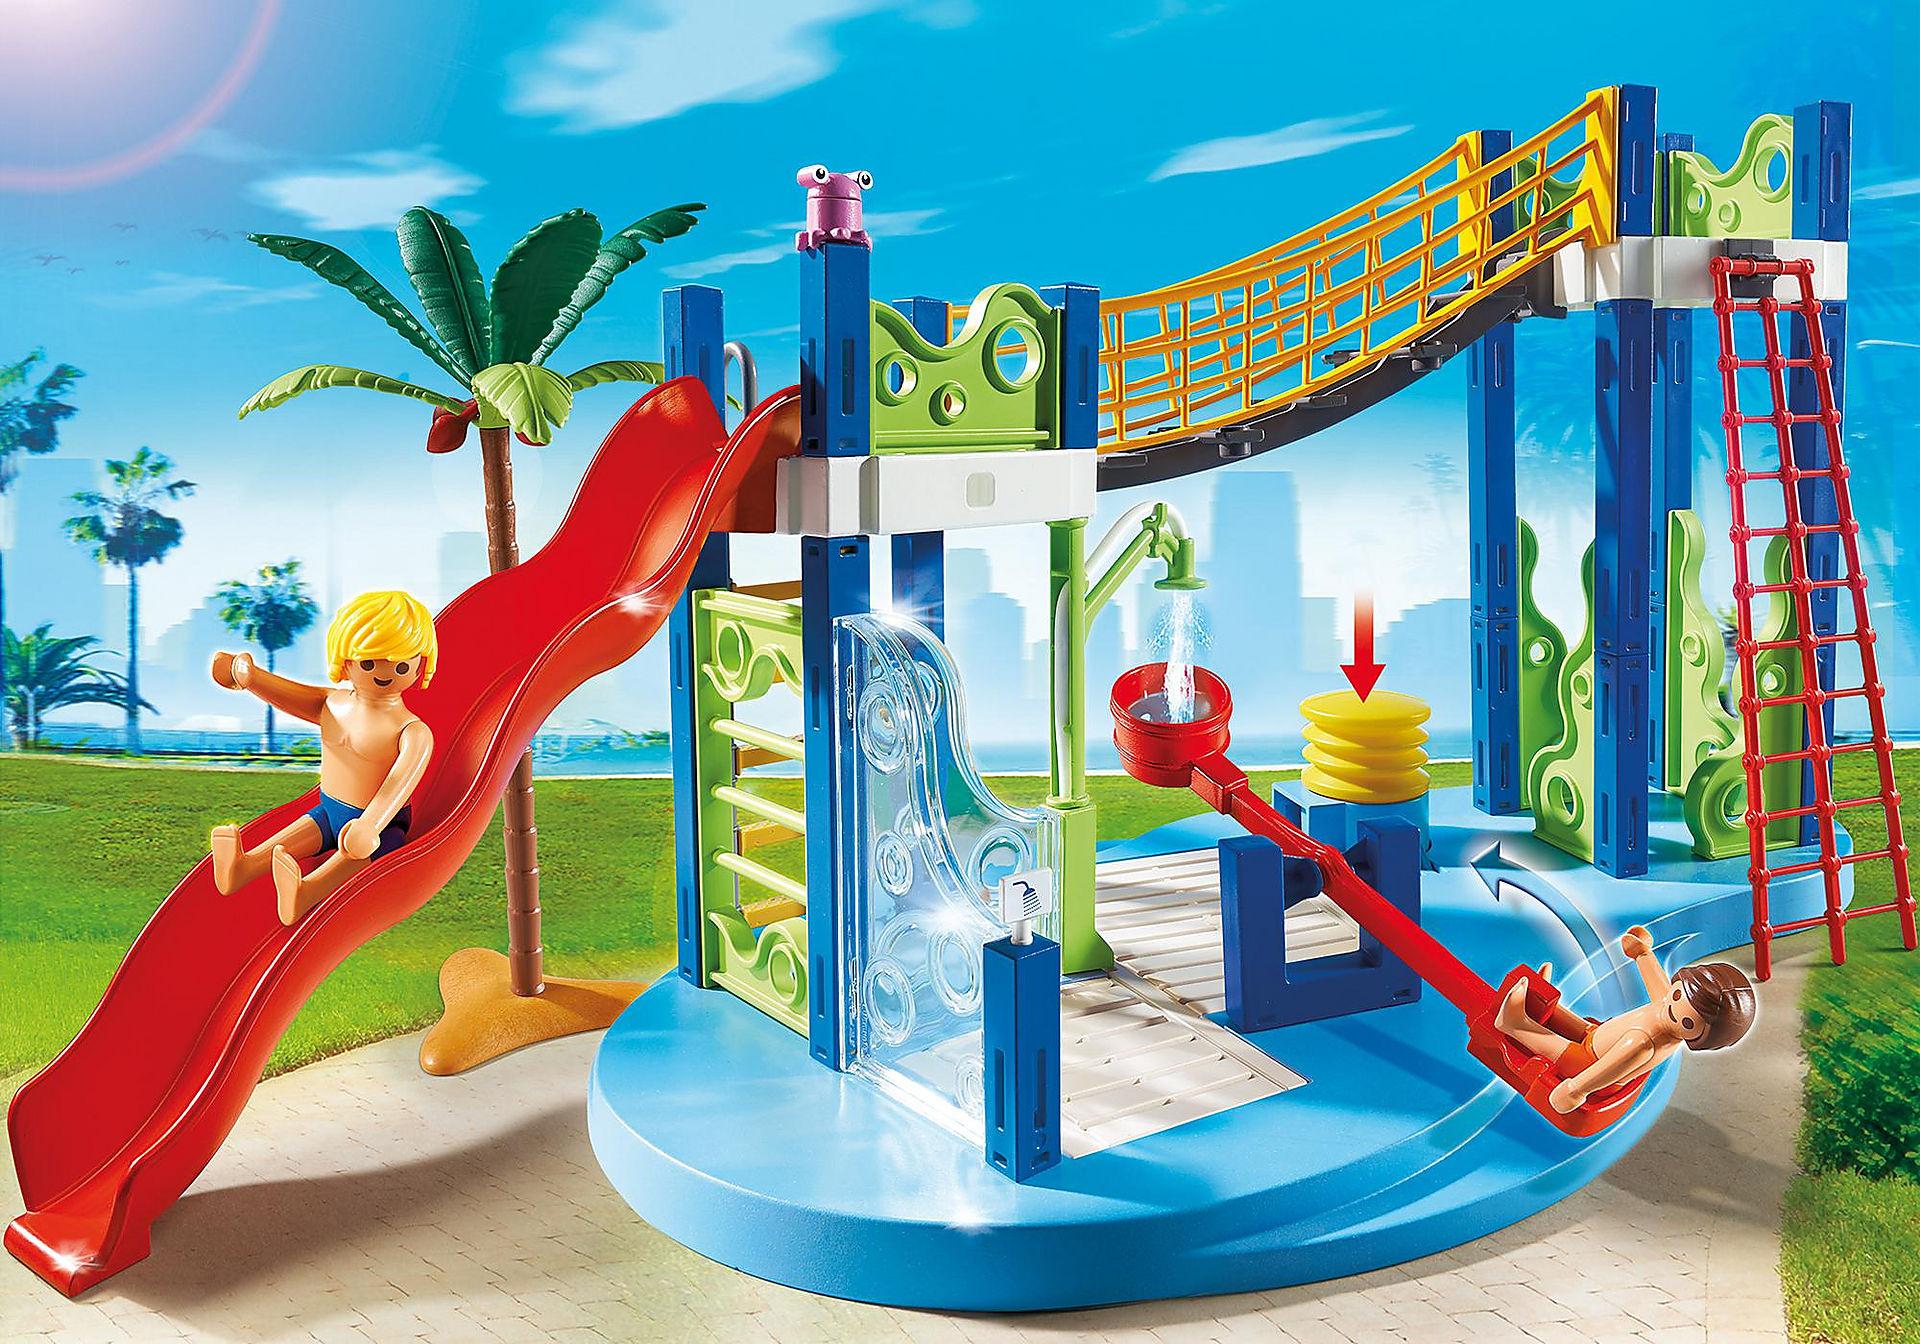 6670 Παιδότοπος Aqua Park zoom image1